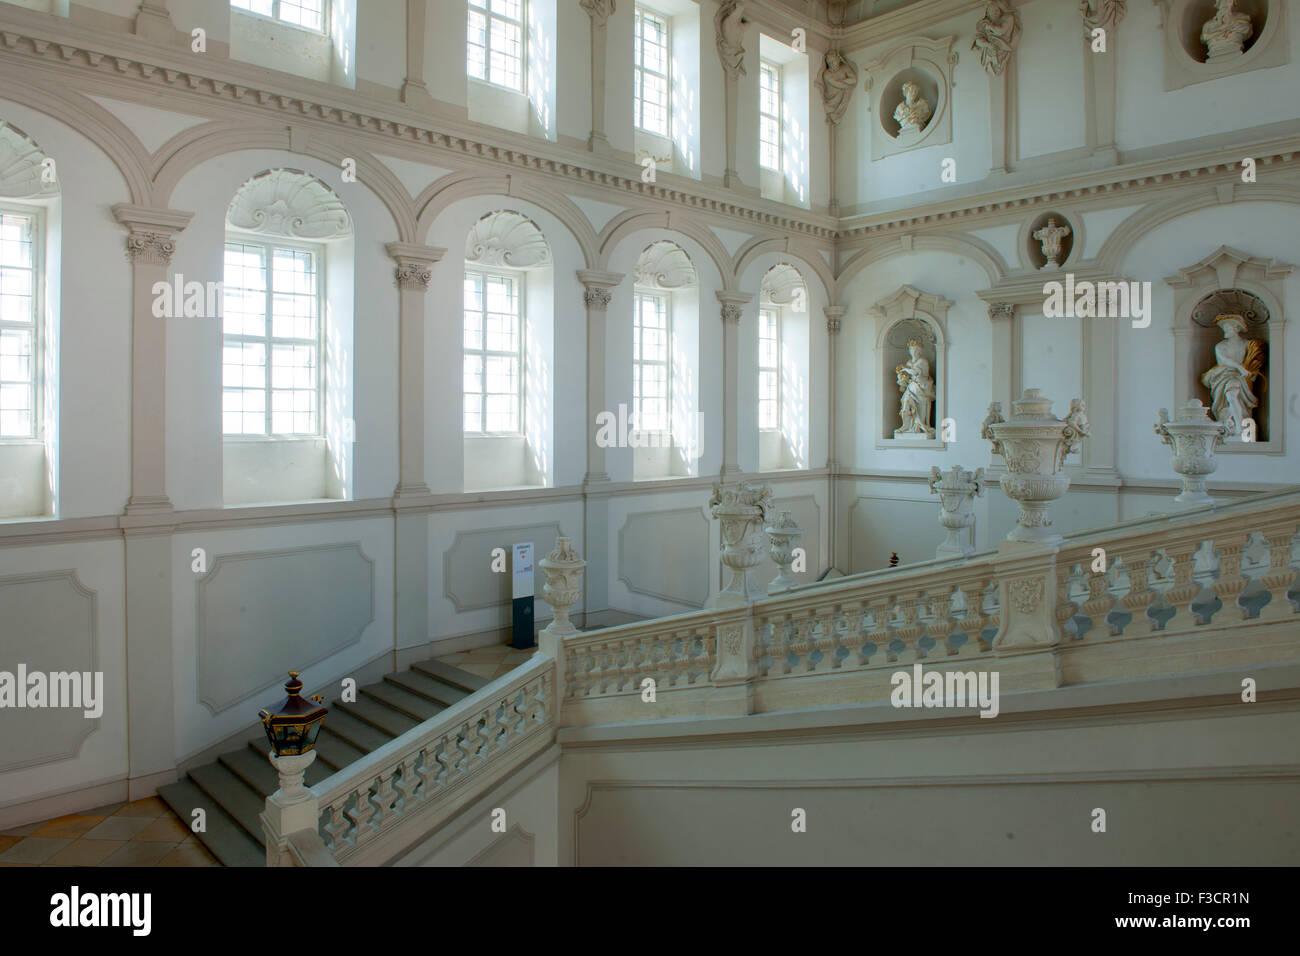 Österreich, Niederösterreich, Krems, Stift Göttweig, Kaiserstiege, Die figurale Ausstattung mit Statuen - Stock Image